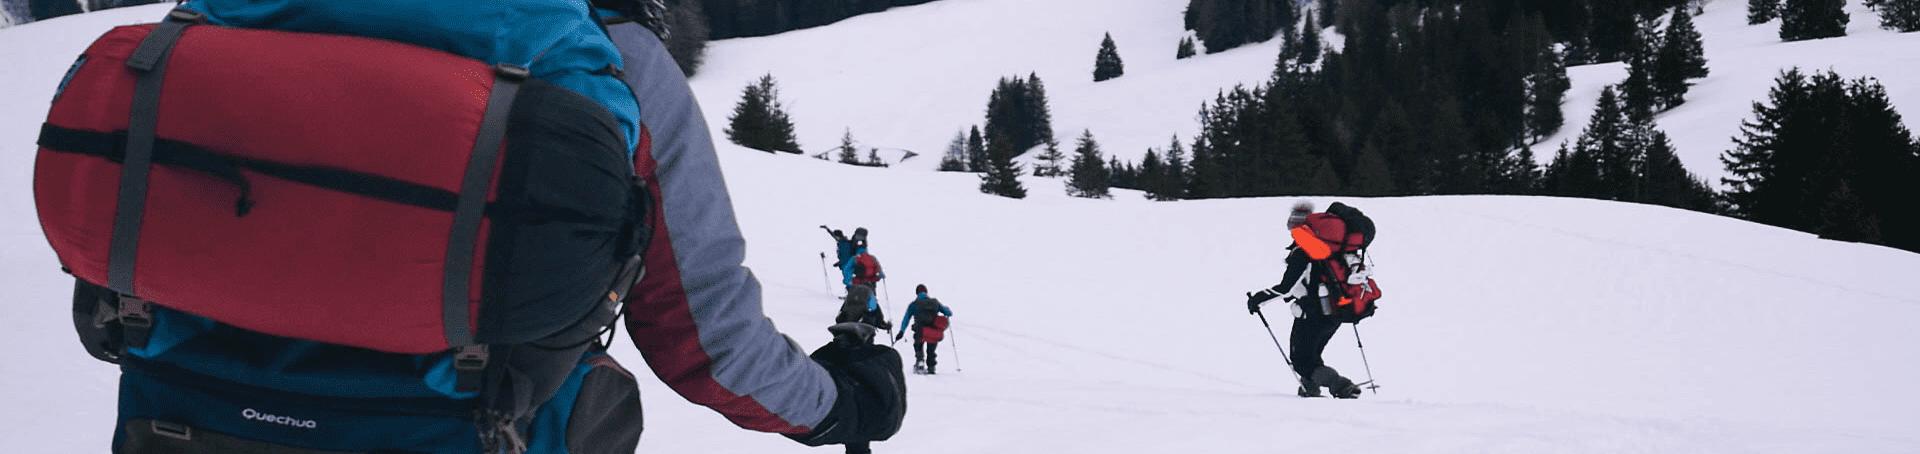 Eine Schneeschuhwanderung den Berg hinunter